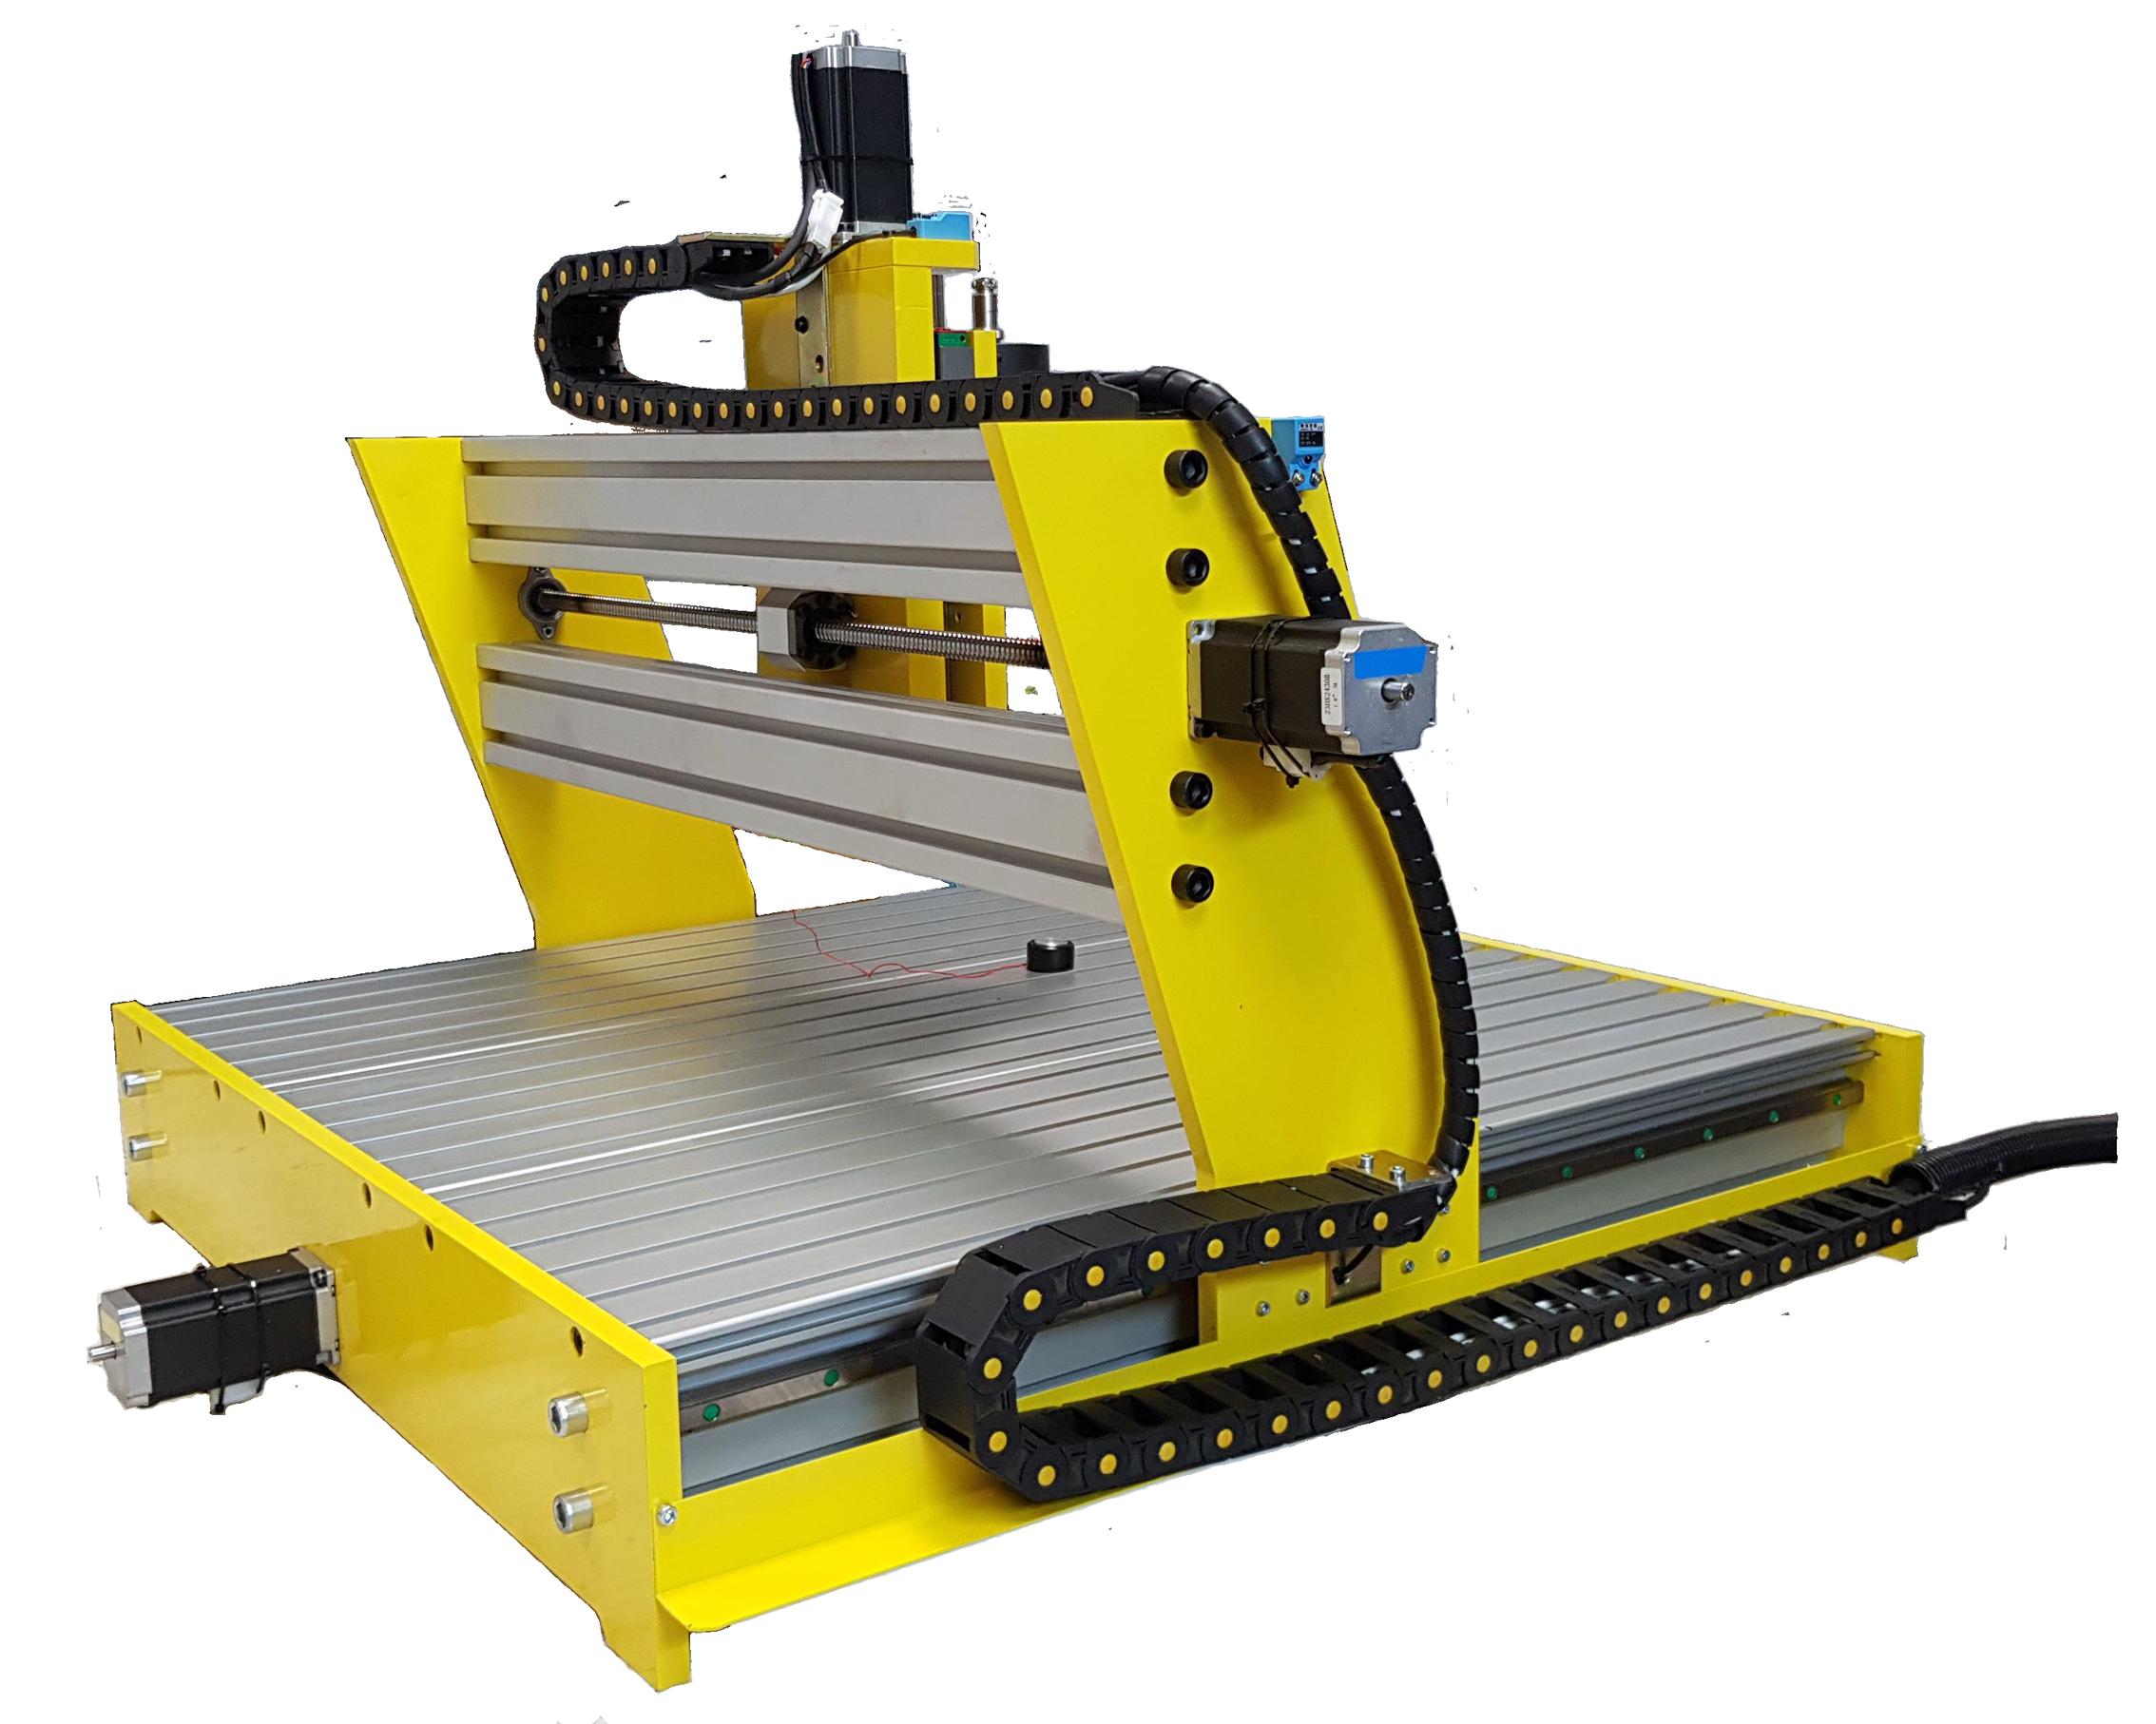 FRESADORA CNC R600